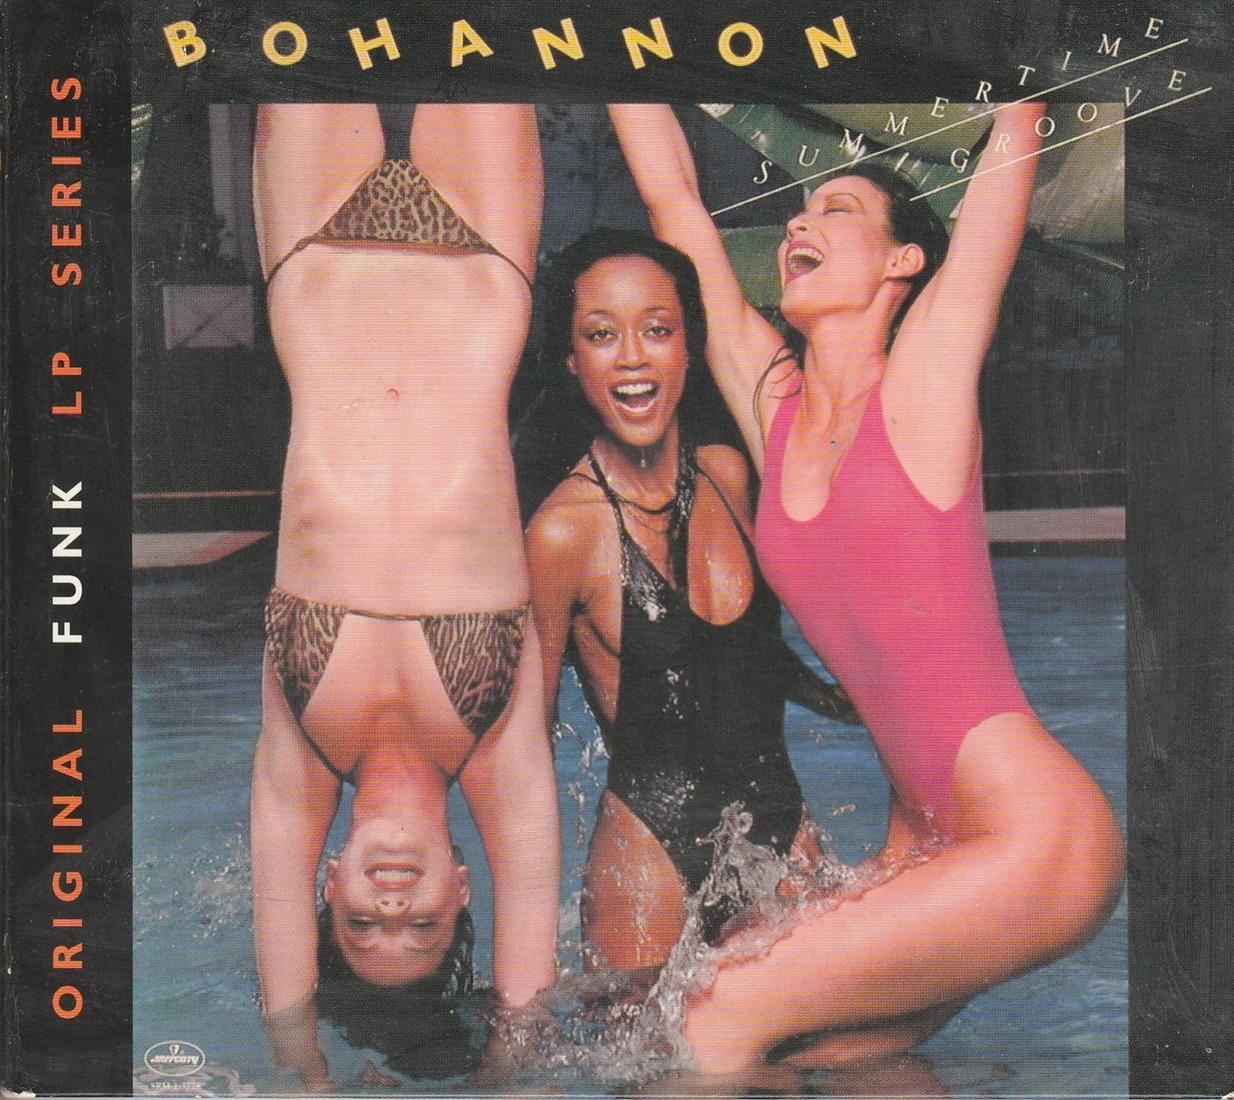 BOHANNON - Summertime Groove - CD